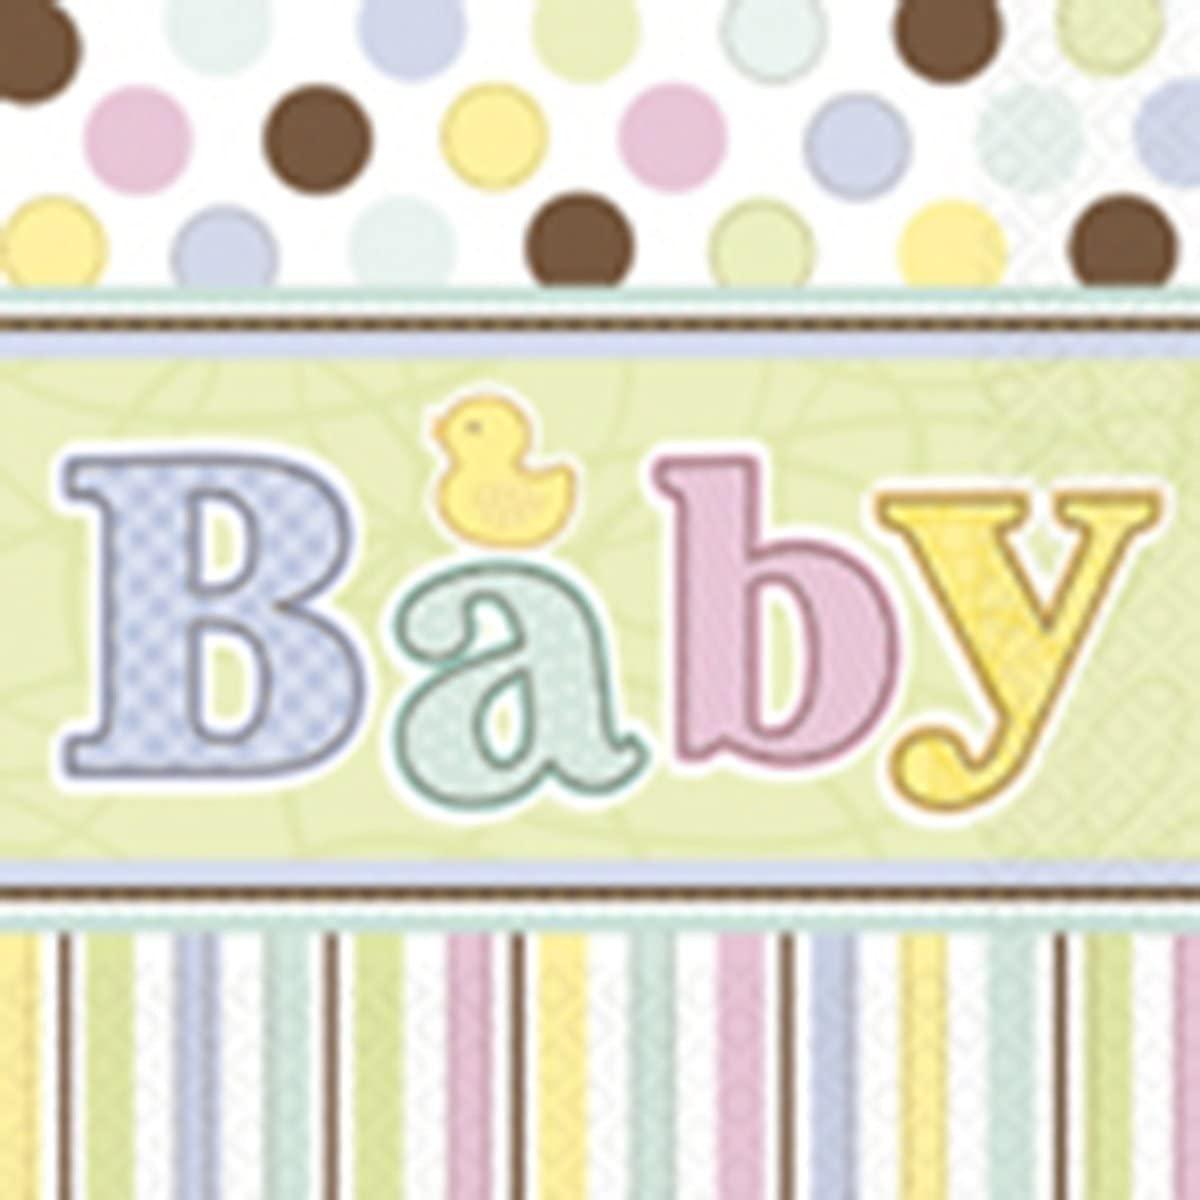 Baby Shower 'Tiny Bundle' Large Napkins (36ct)